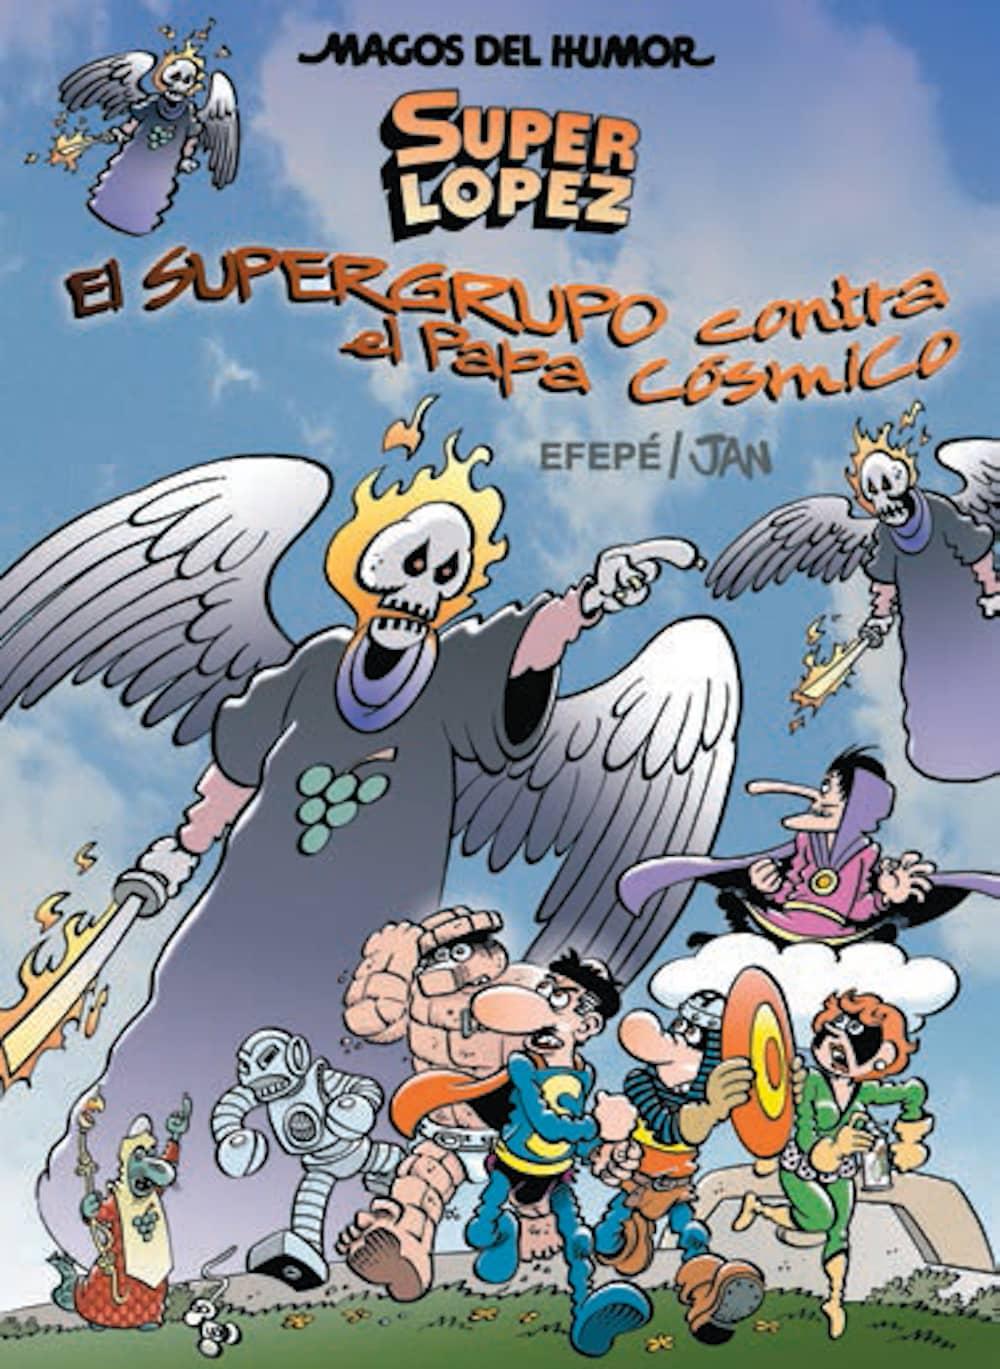 MAGOS HUMOR 183:  EL SUPERGRUPO CONTRA EL PAPA COSMICO  (SUPERLOPEZ)